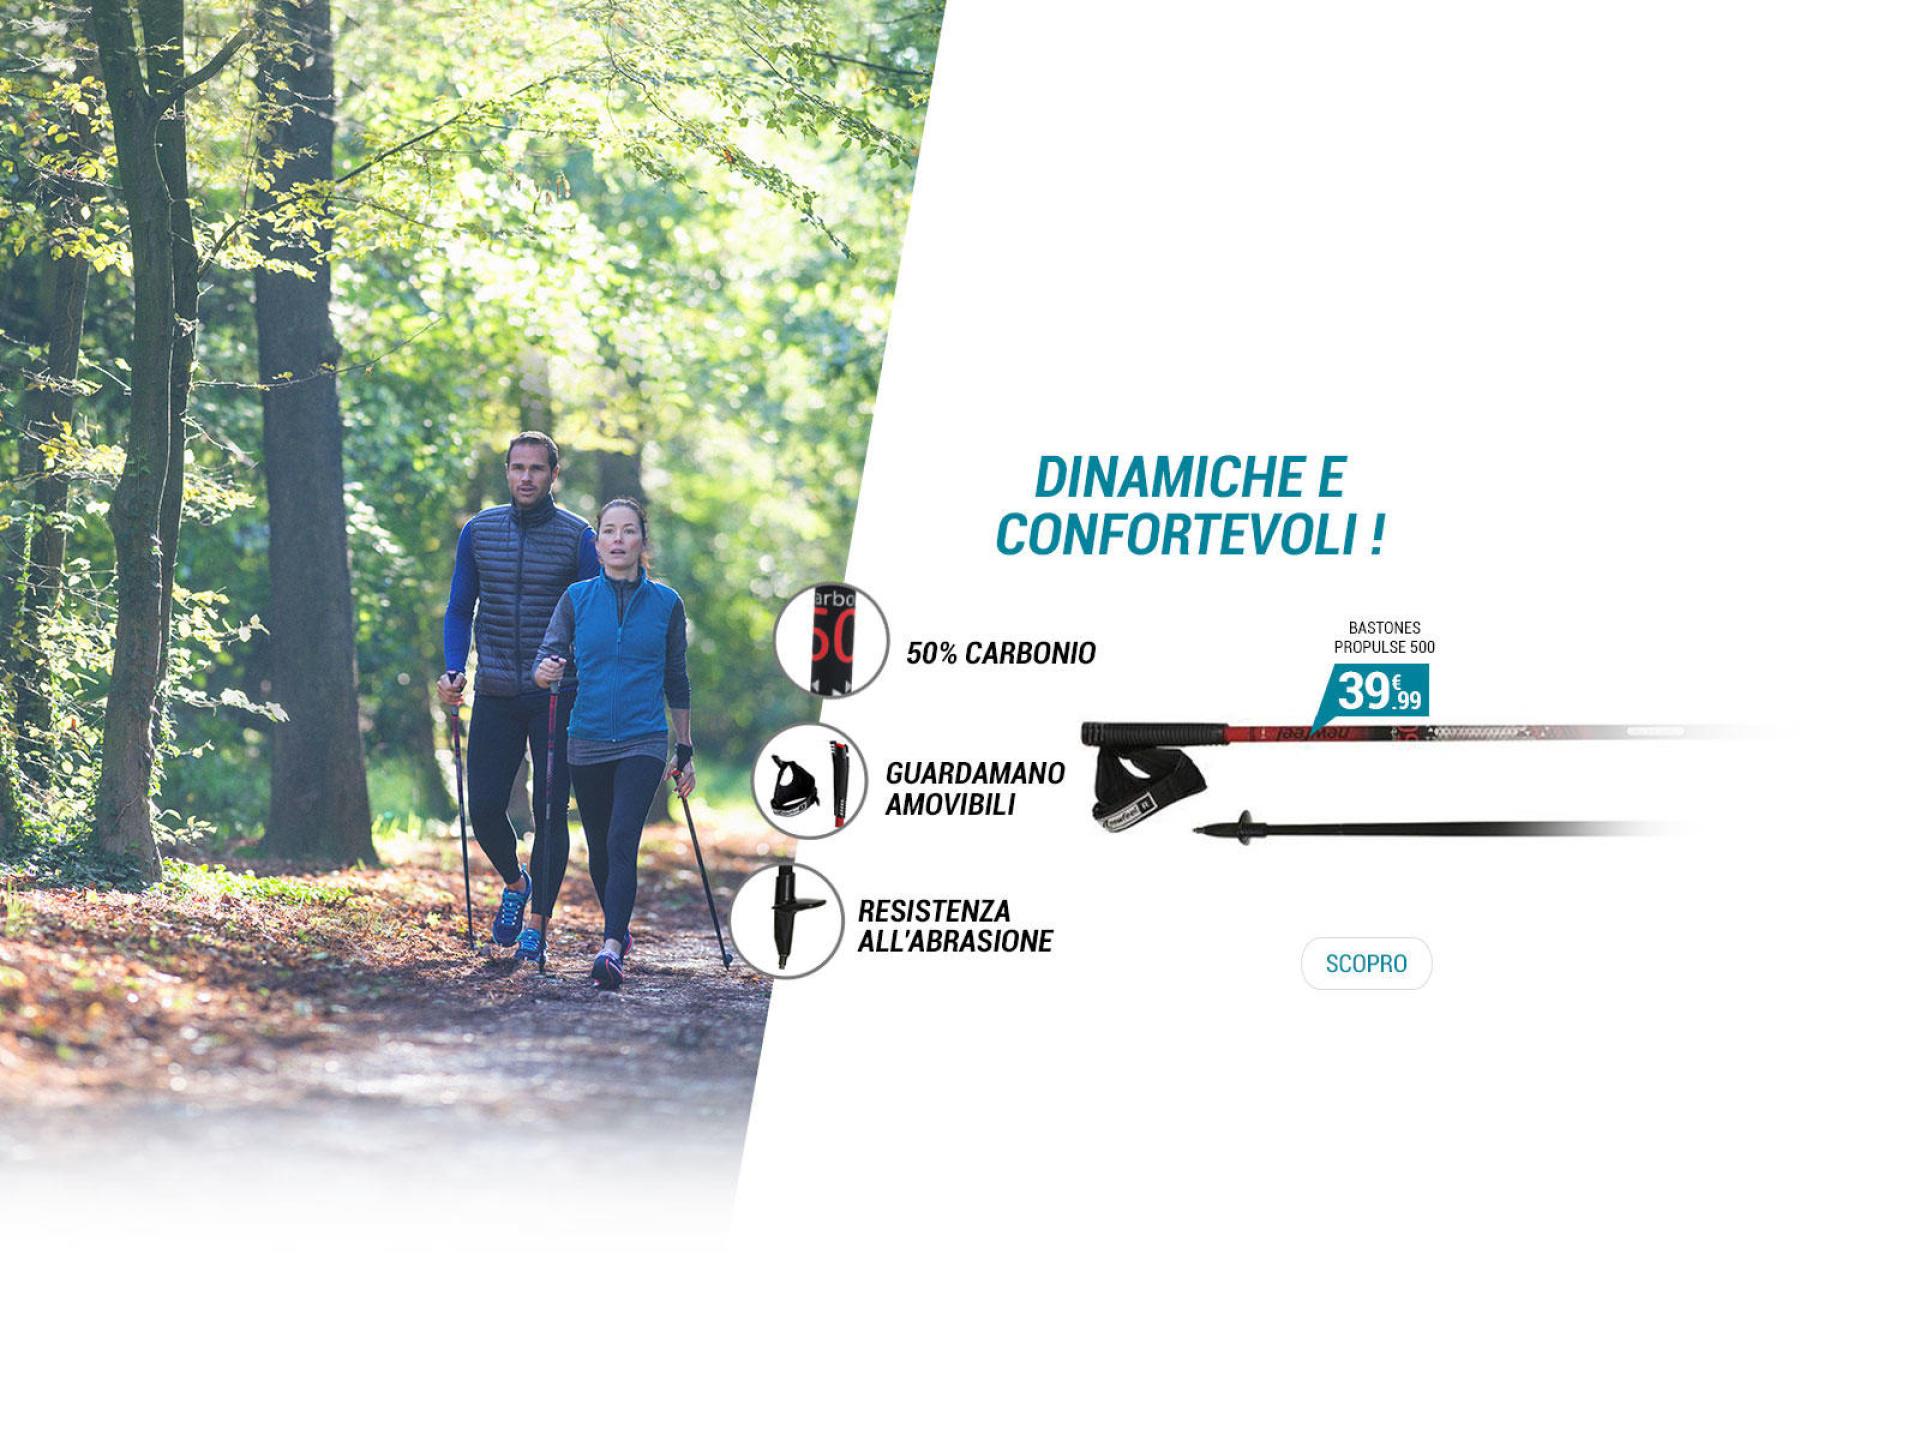 Bastoncini nordic walking Propulse Walk 500 - Dinamiche e confortevoli